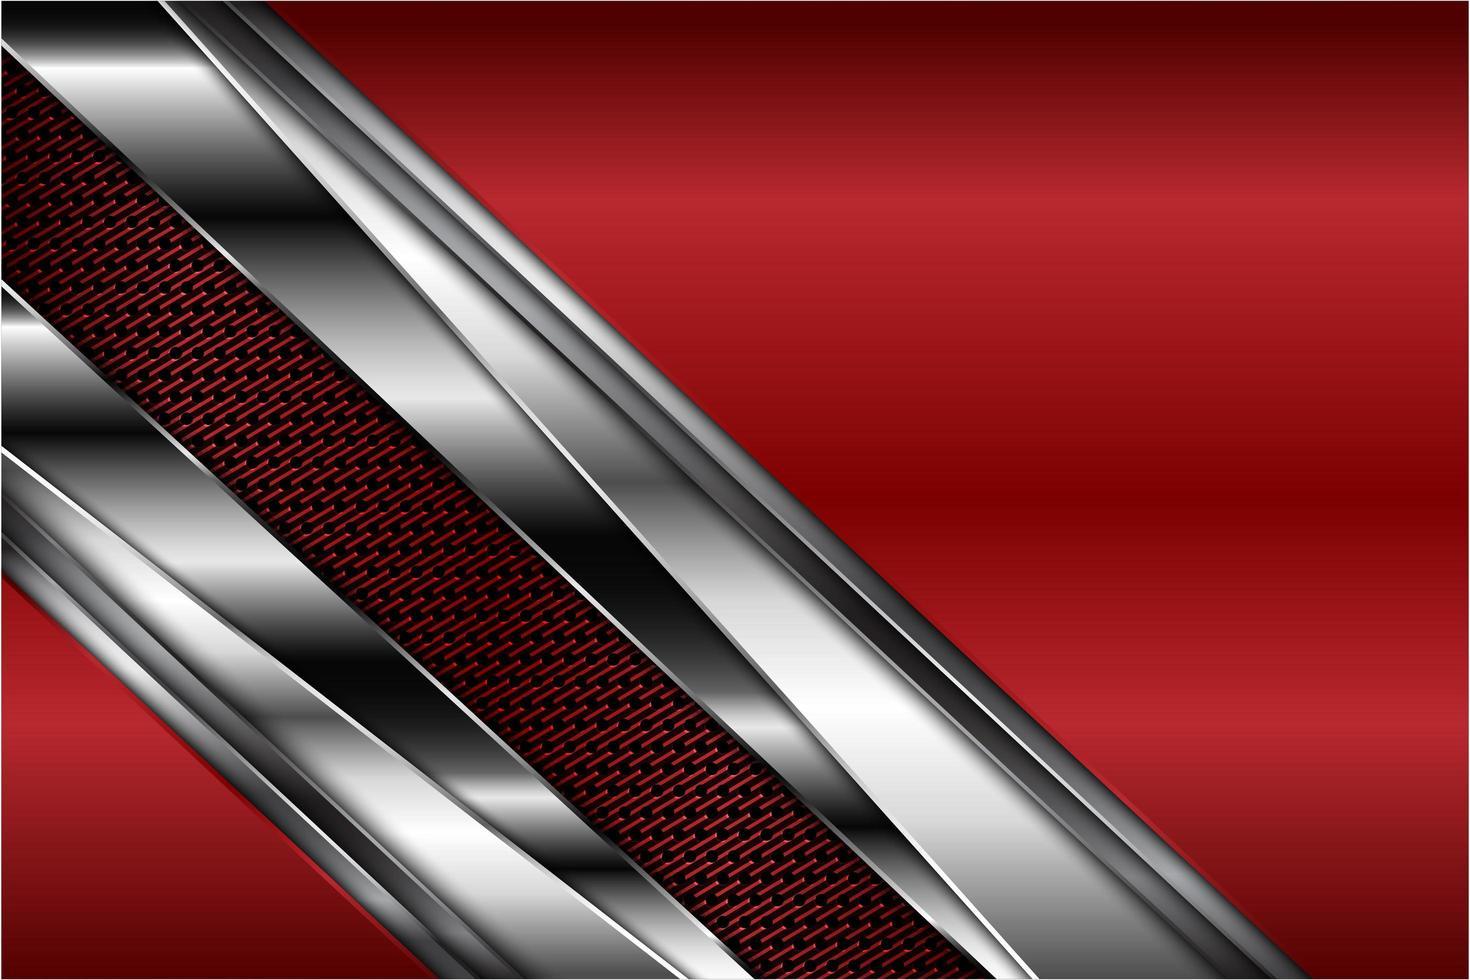 fond métallique brillant rouge et argent vecteur